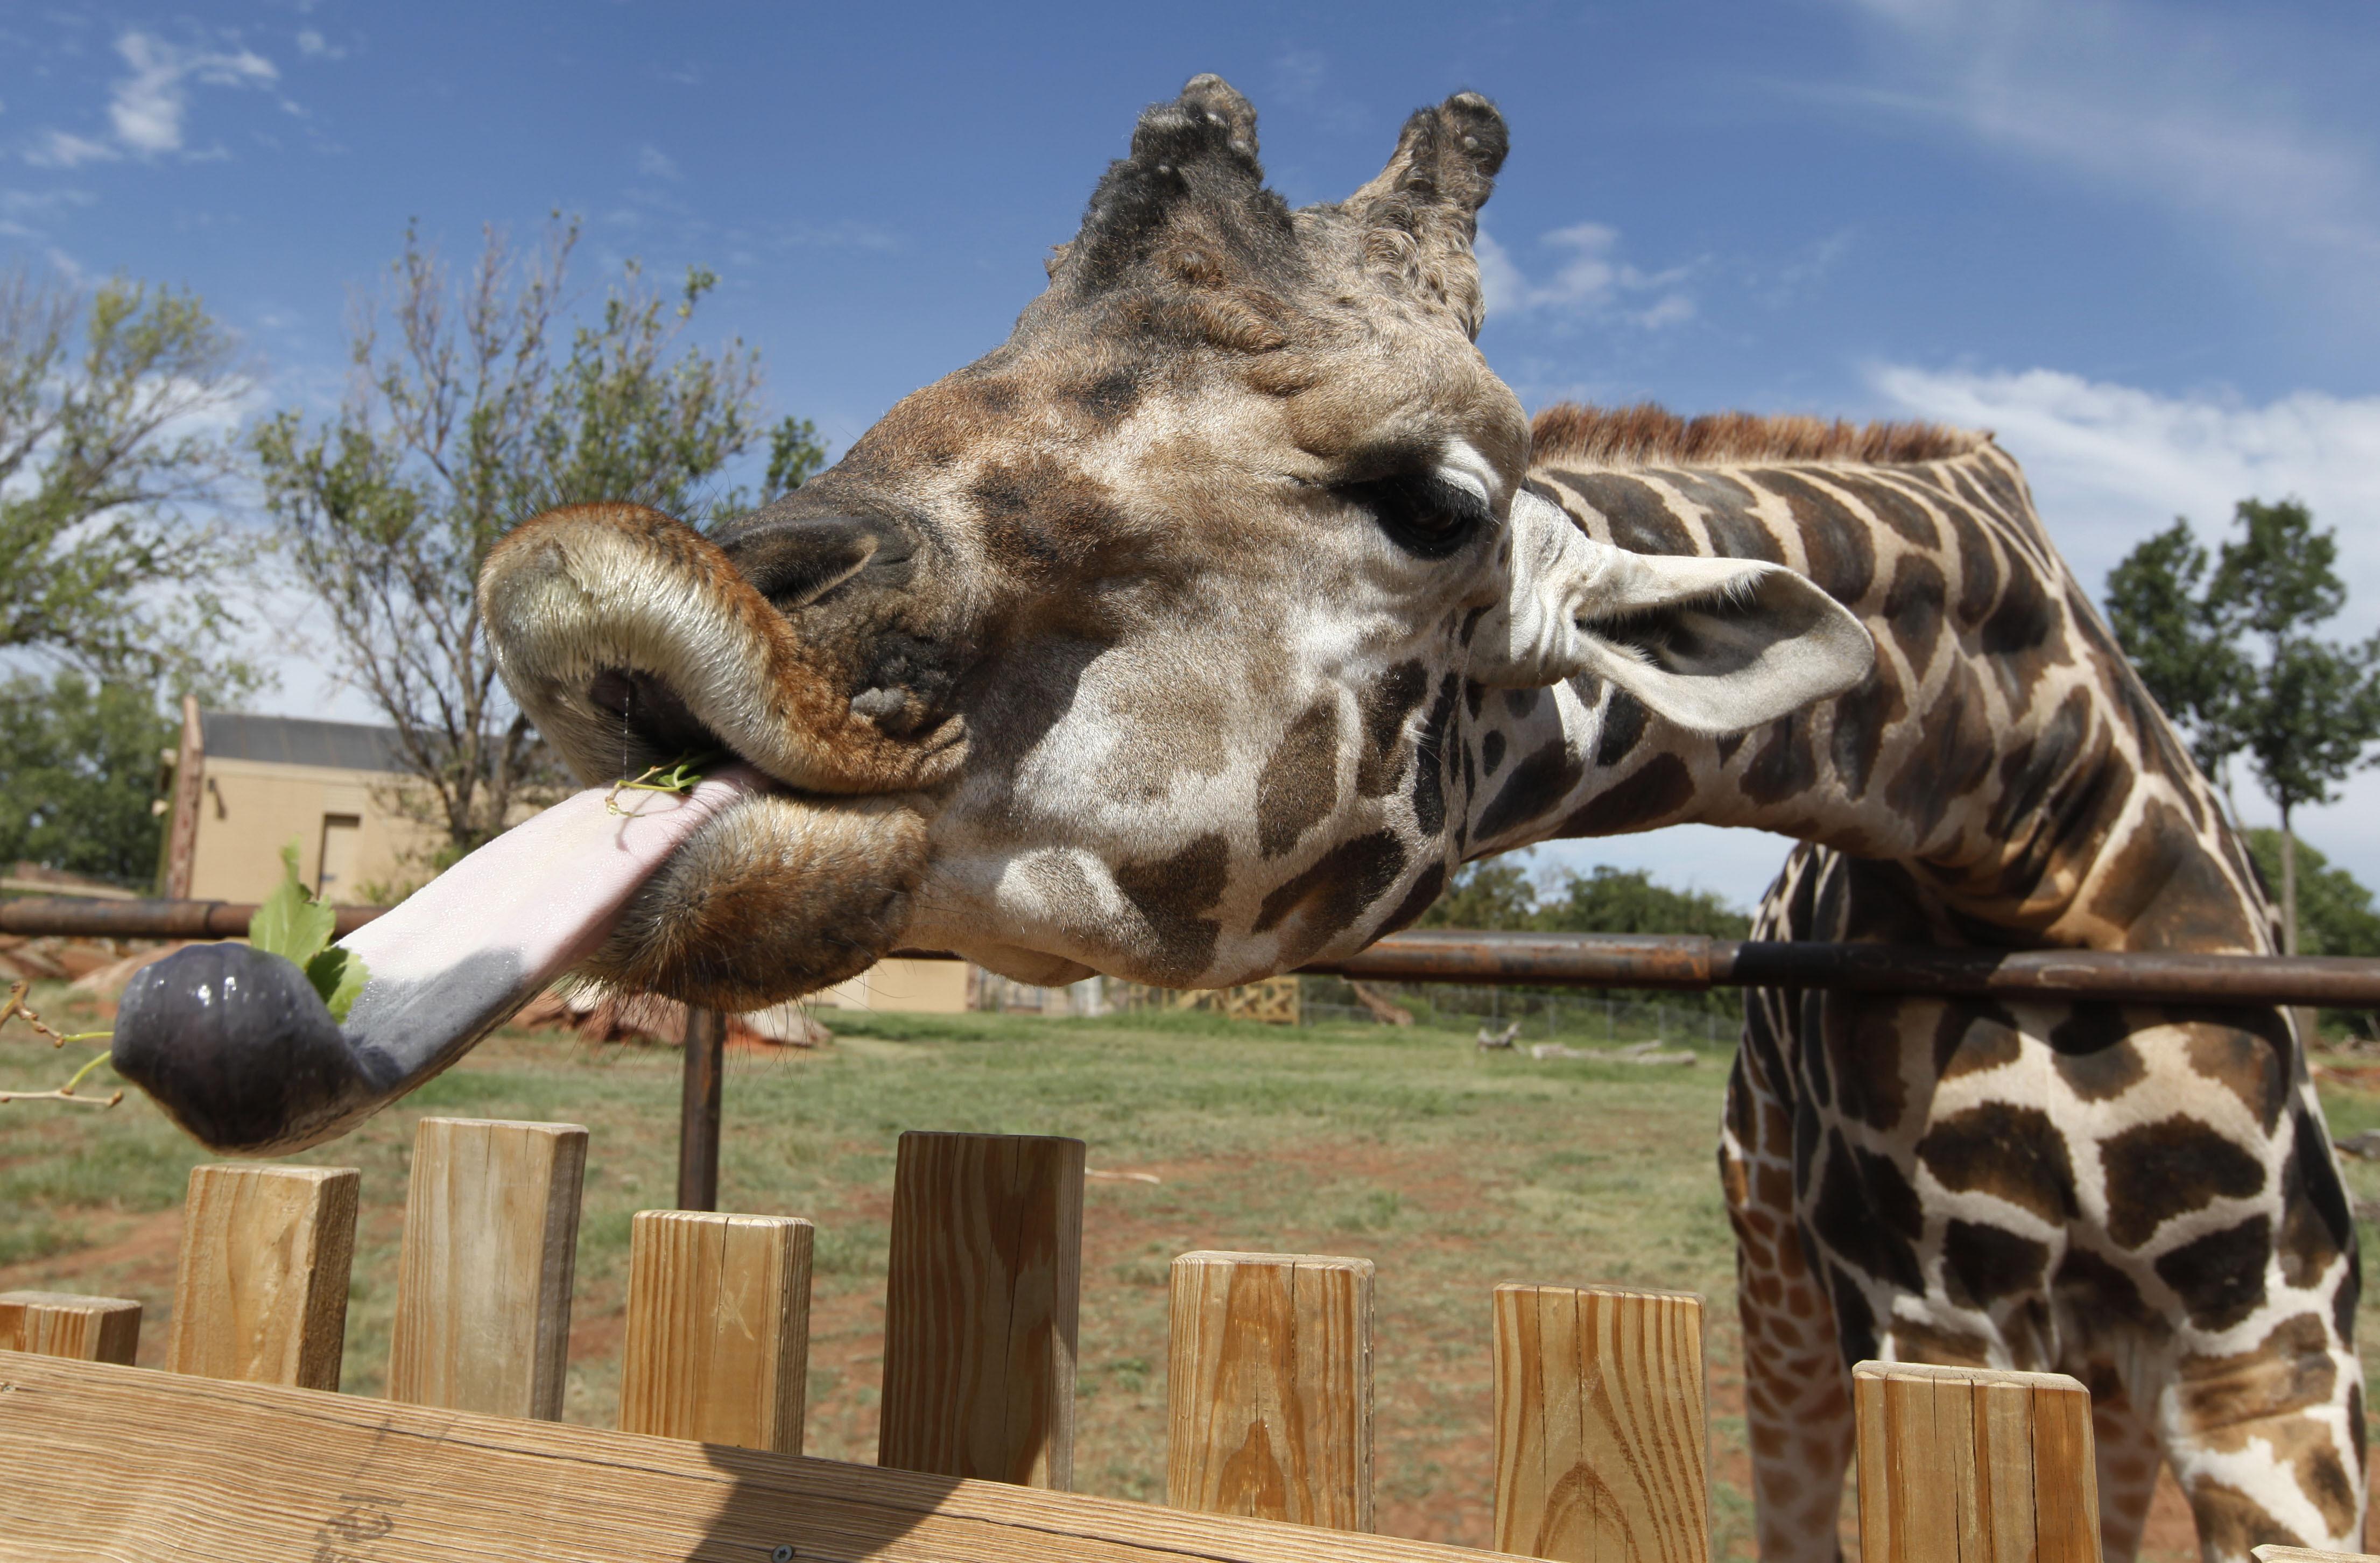 Une girafe derrière une clôture, tirant la langue (© AP Images)